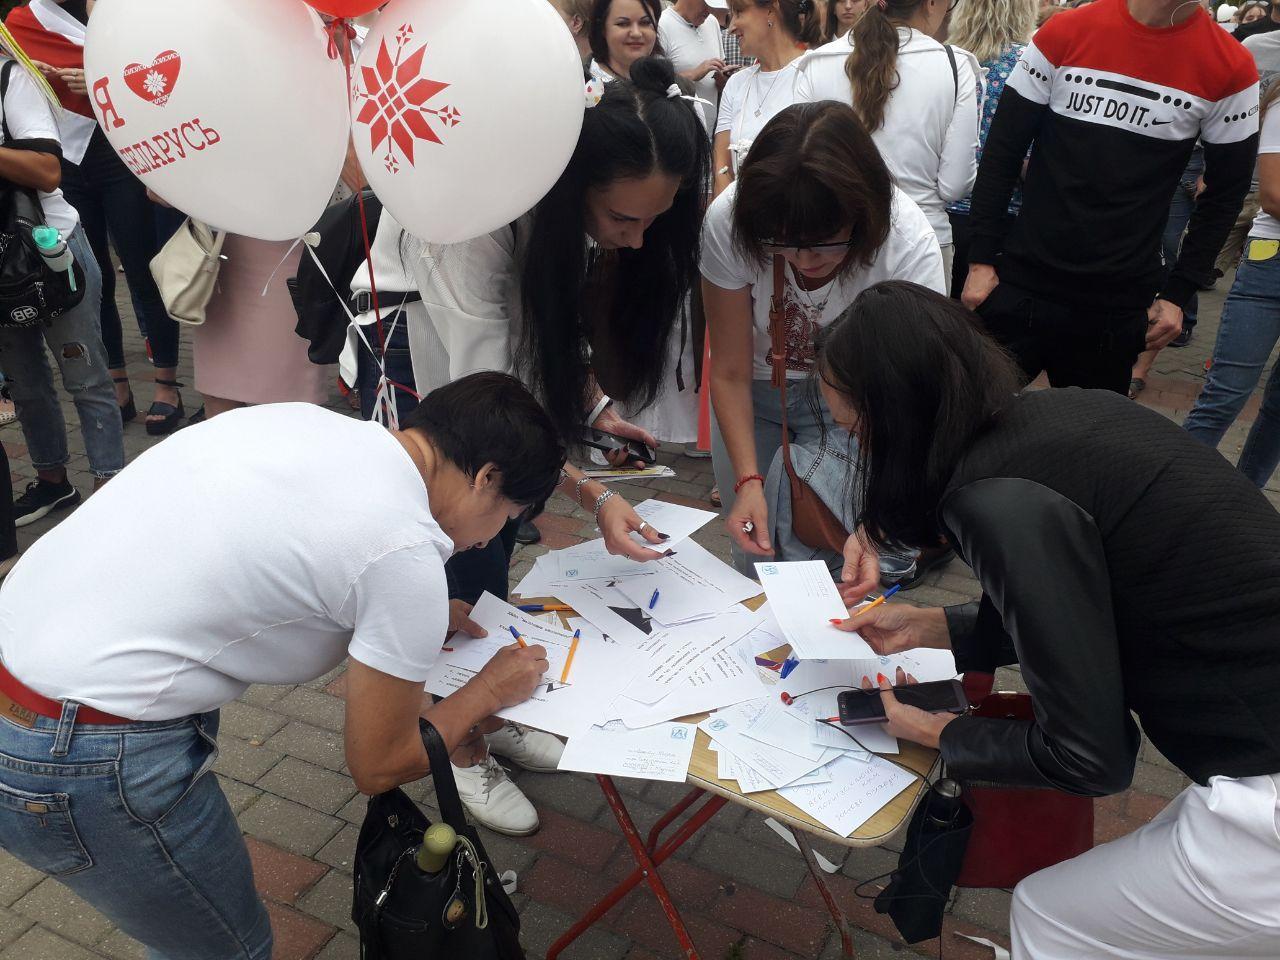 Протесты в Барановичах 23 августа. Люди подписывают открытки политзаключенным. Фото: Intex-press